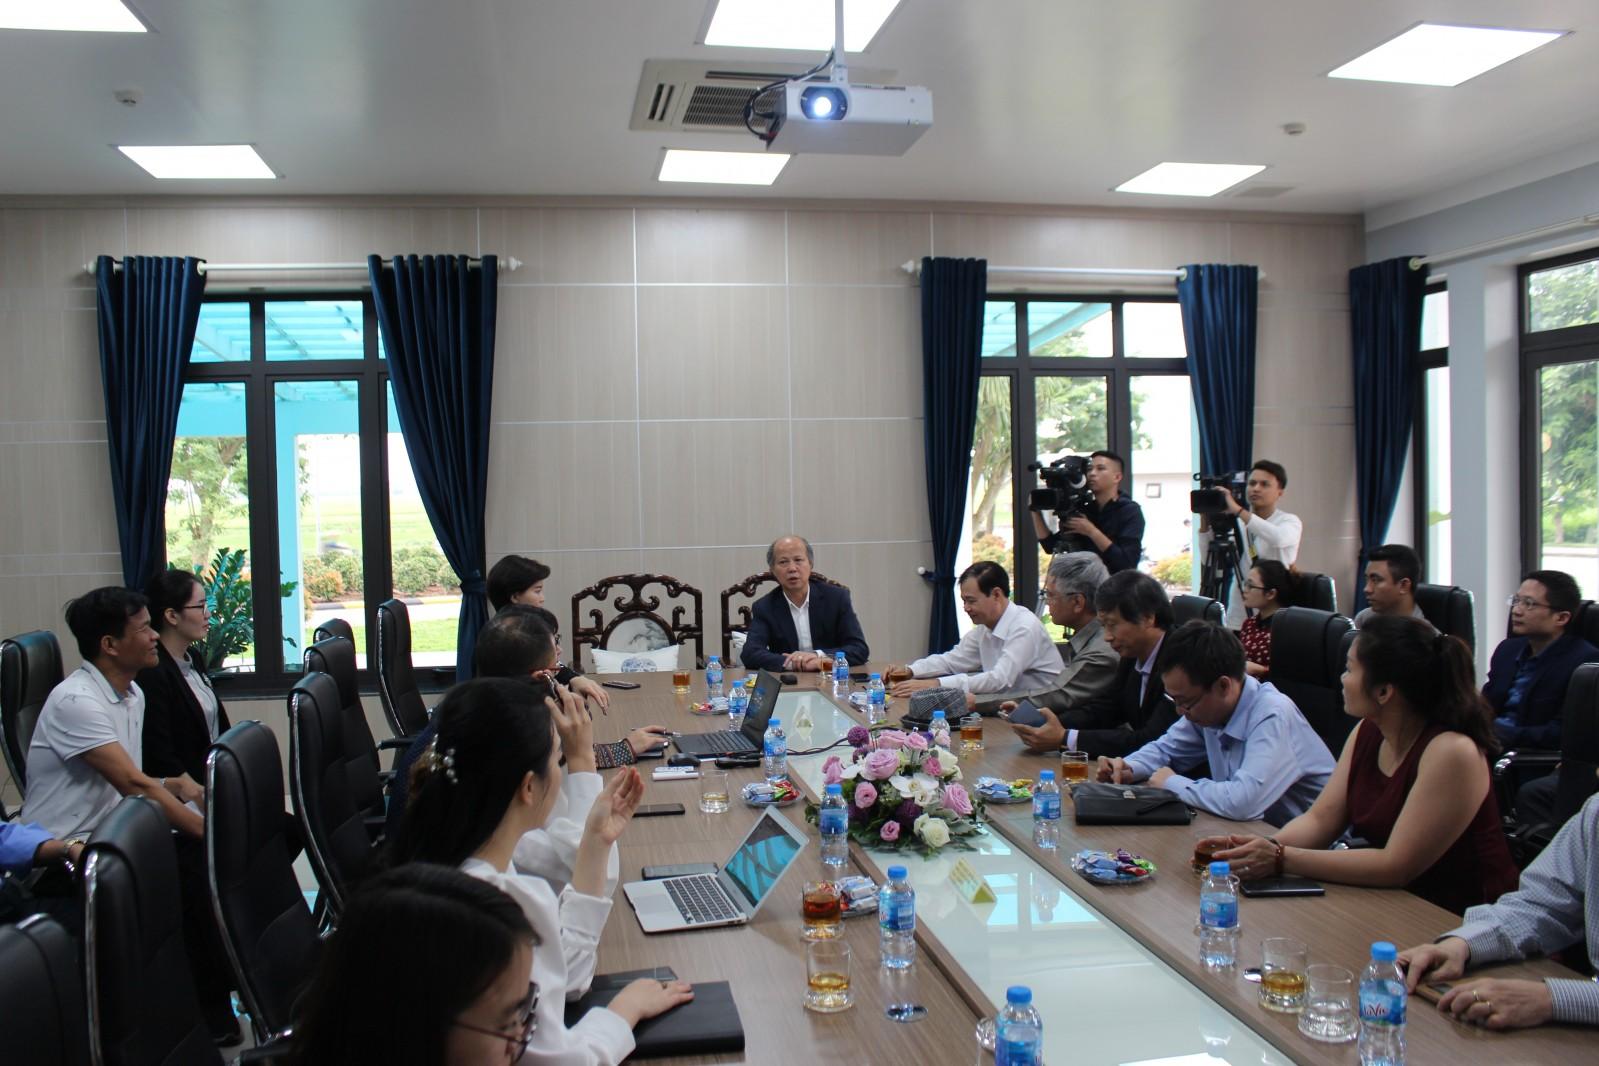 Toàn cảnh buổi chia sẻ đại diện Khu Công nghiệp Đại An với Hiệp hội Bất động sản Việt Nam